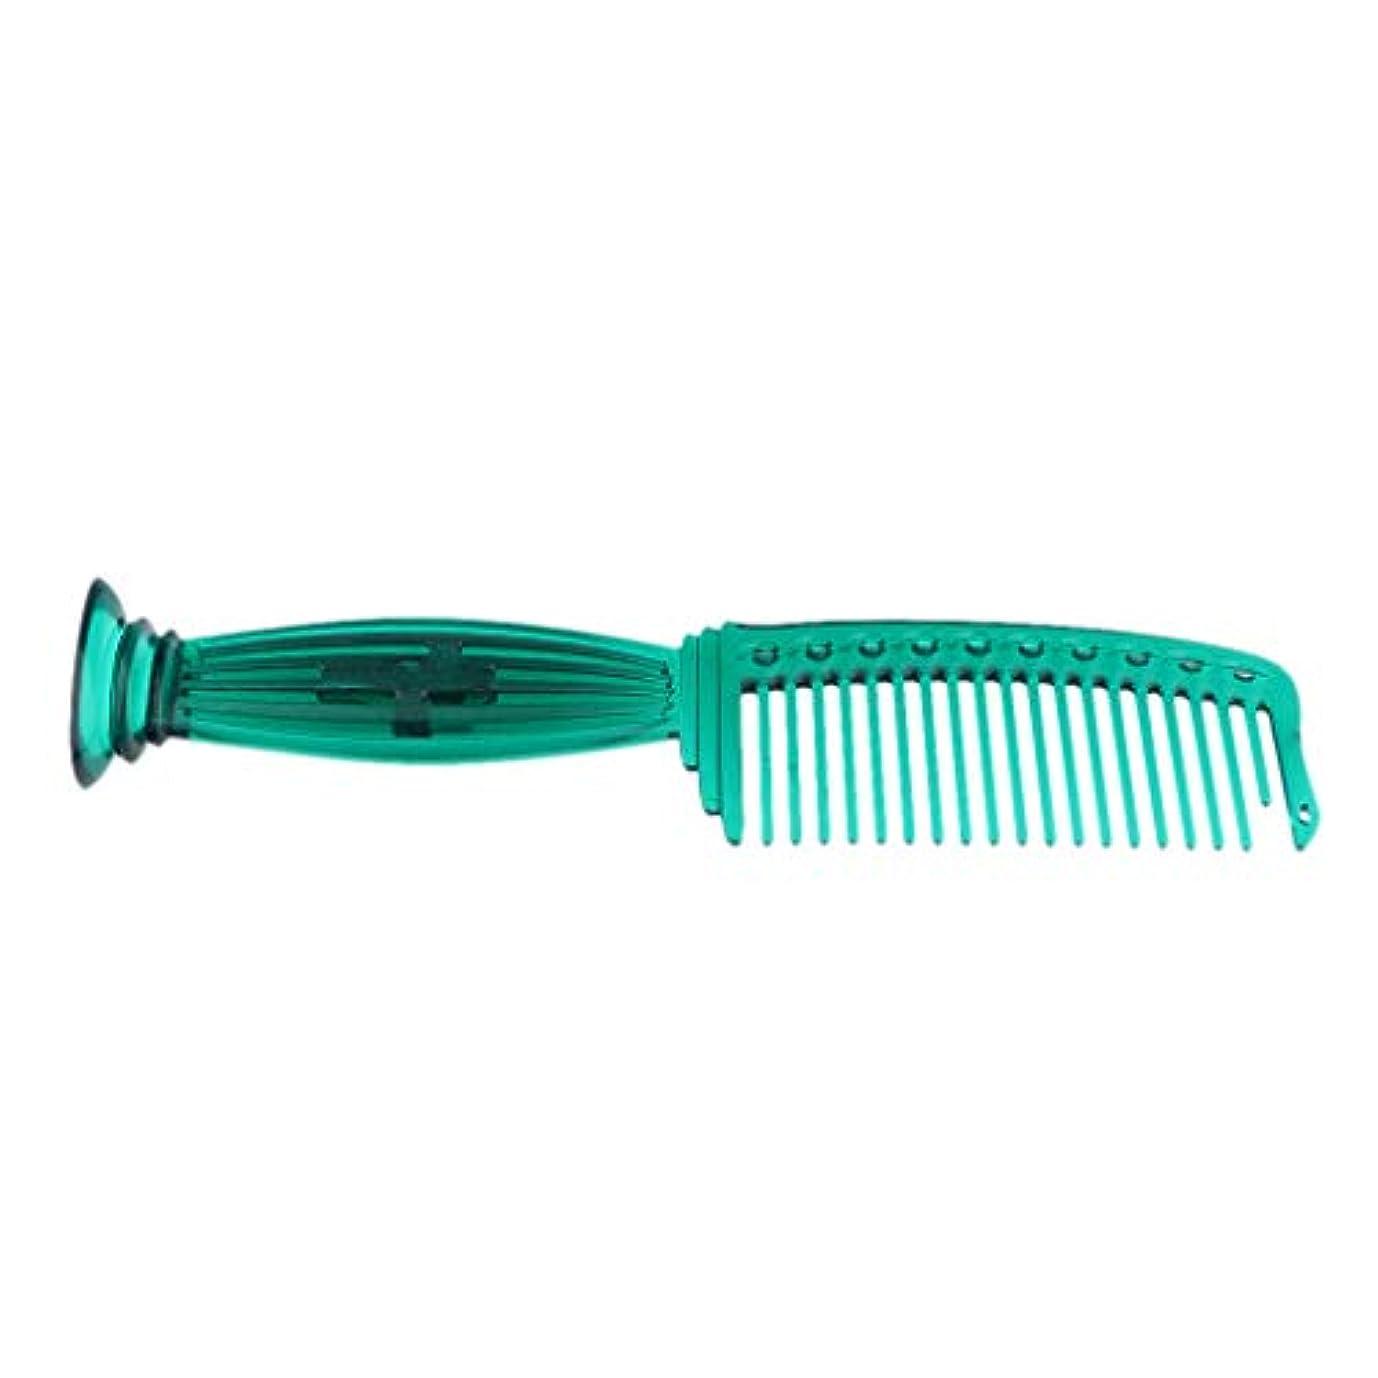 レインコート急いでエレメンタル全5色 ワイド歯 ヘアコーム ヘアブラシ プラスチック櫛 頭皮保護 櫛 プロ ヘアサロン 理髪師用 - 緑